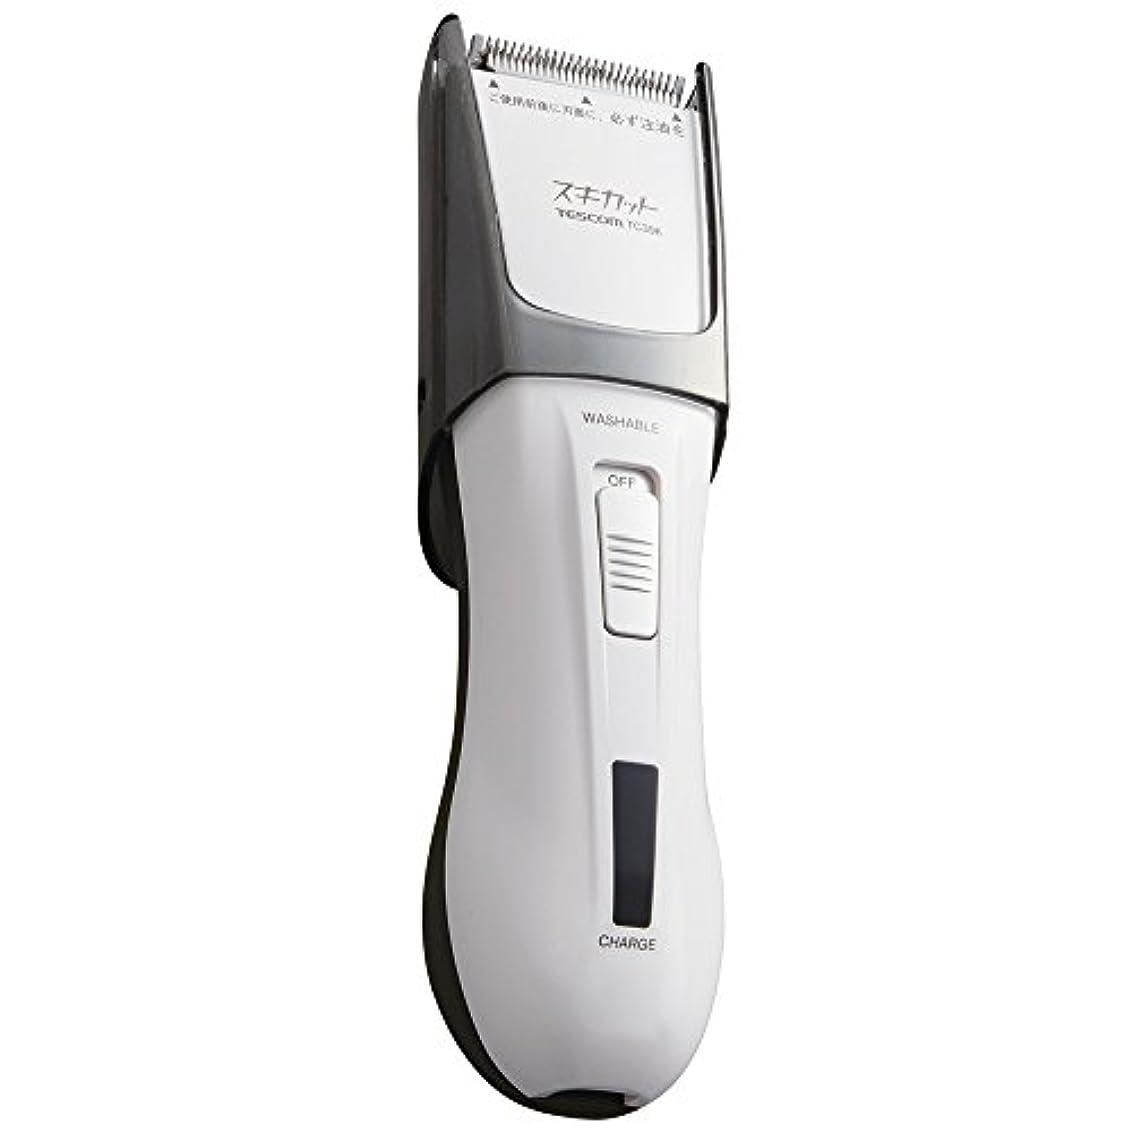 診断するきしむ本質的ではないTESCOM スキカット 電気バリカン ホワイト TC396-W